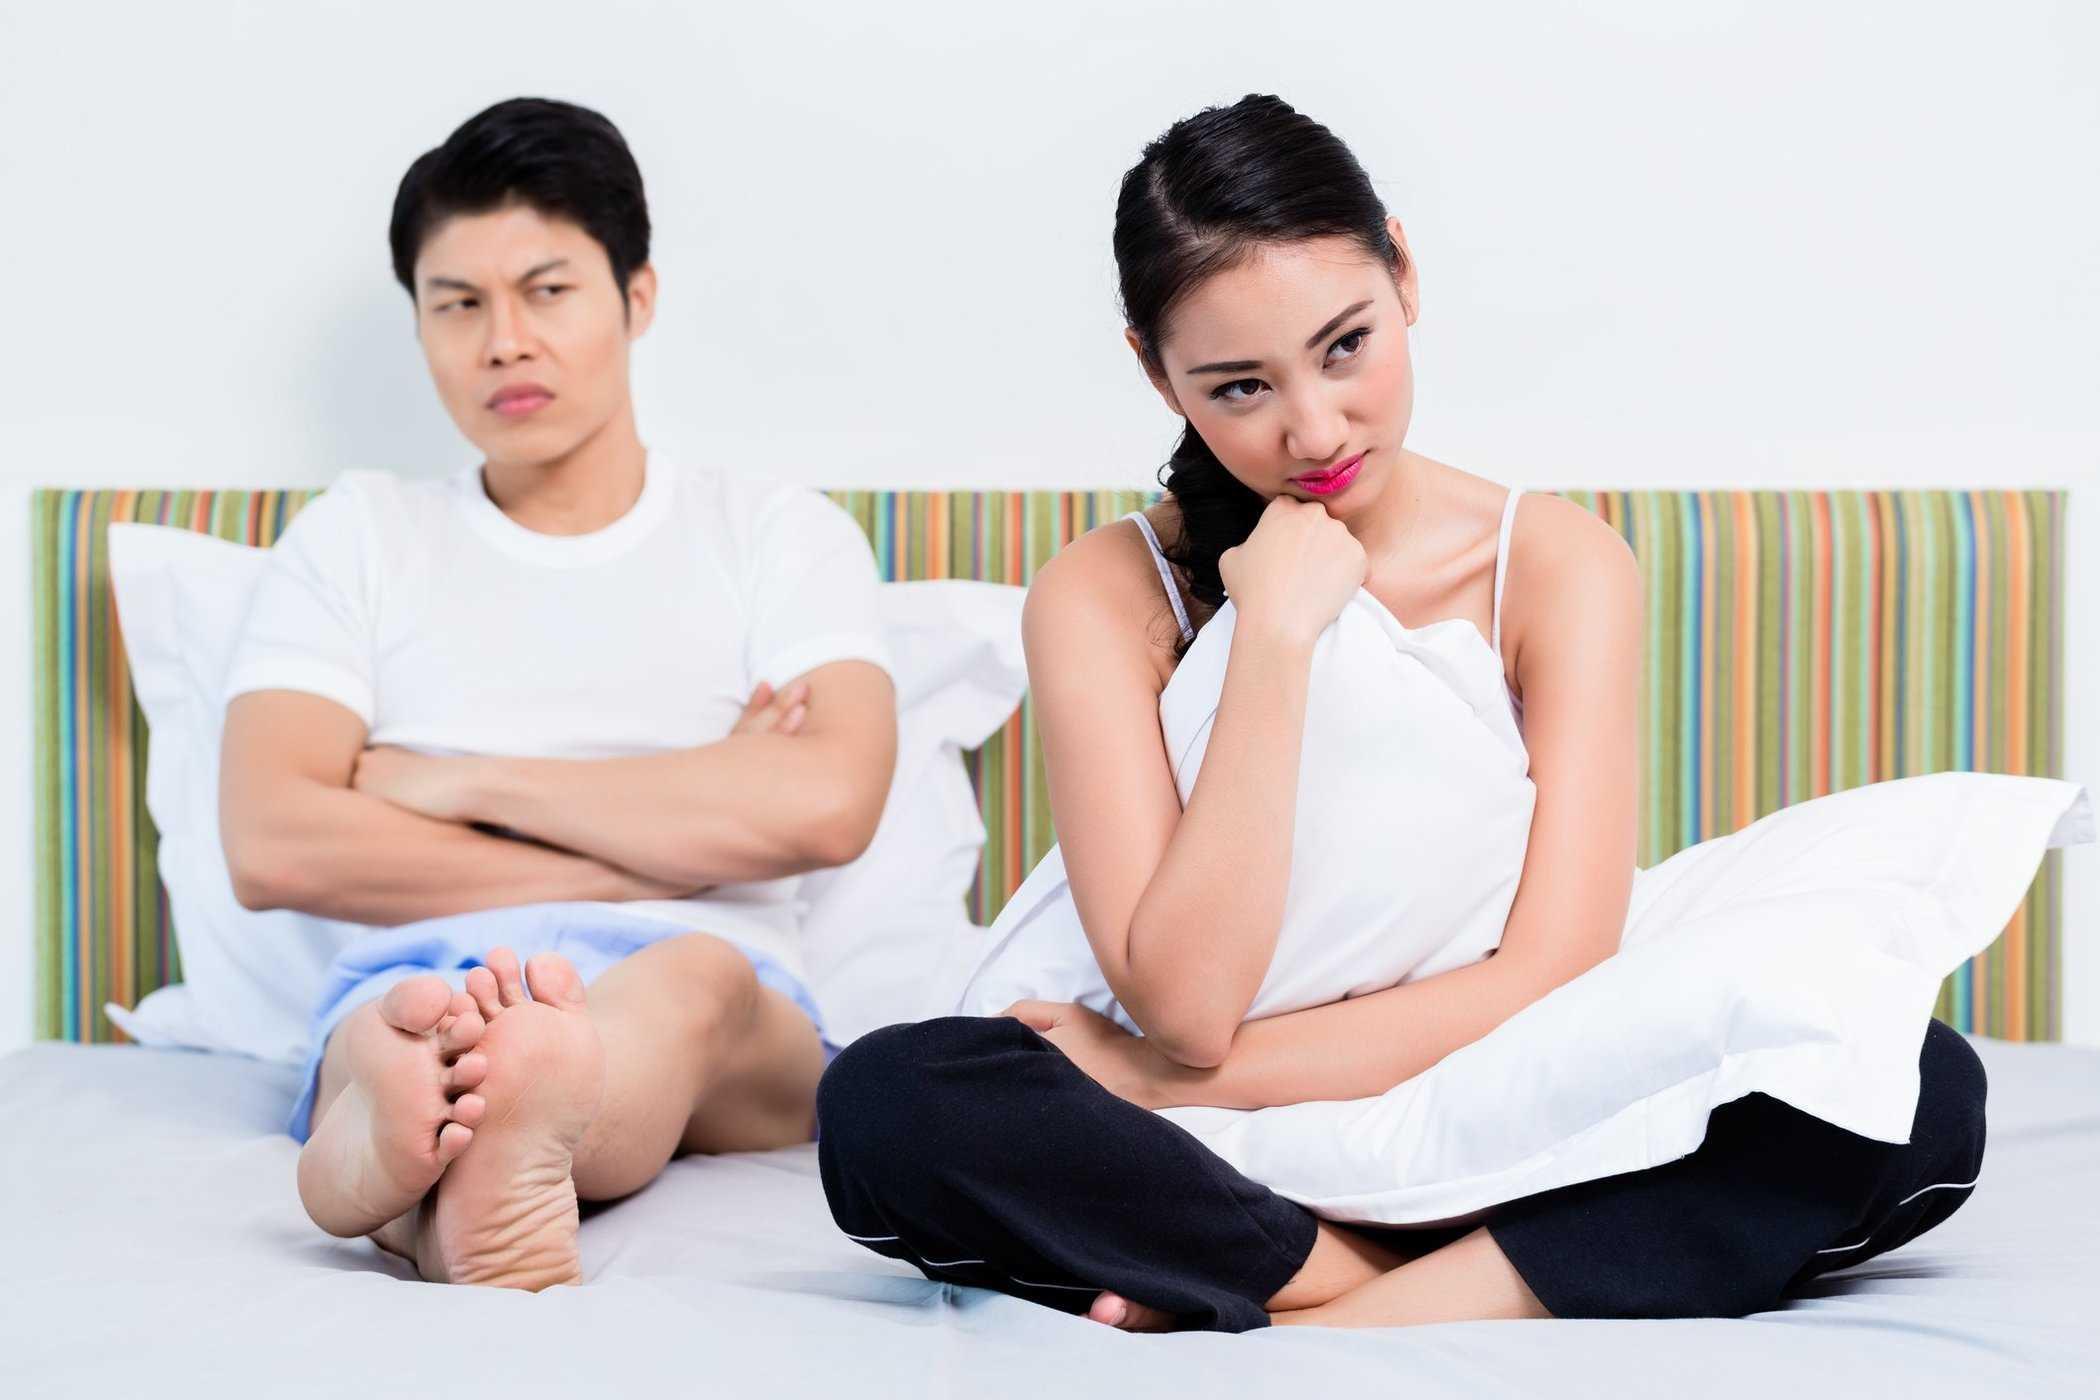 Nàng nên tránh những câu nói kém duyên khi 'yêu' khiến chàng mất hứng - Ảnh 3